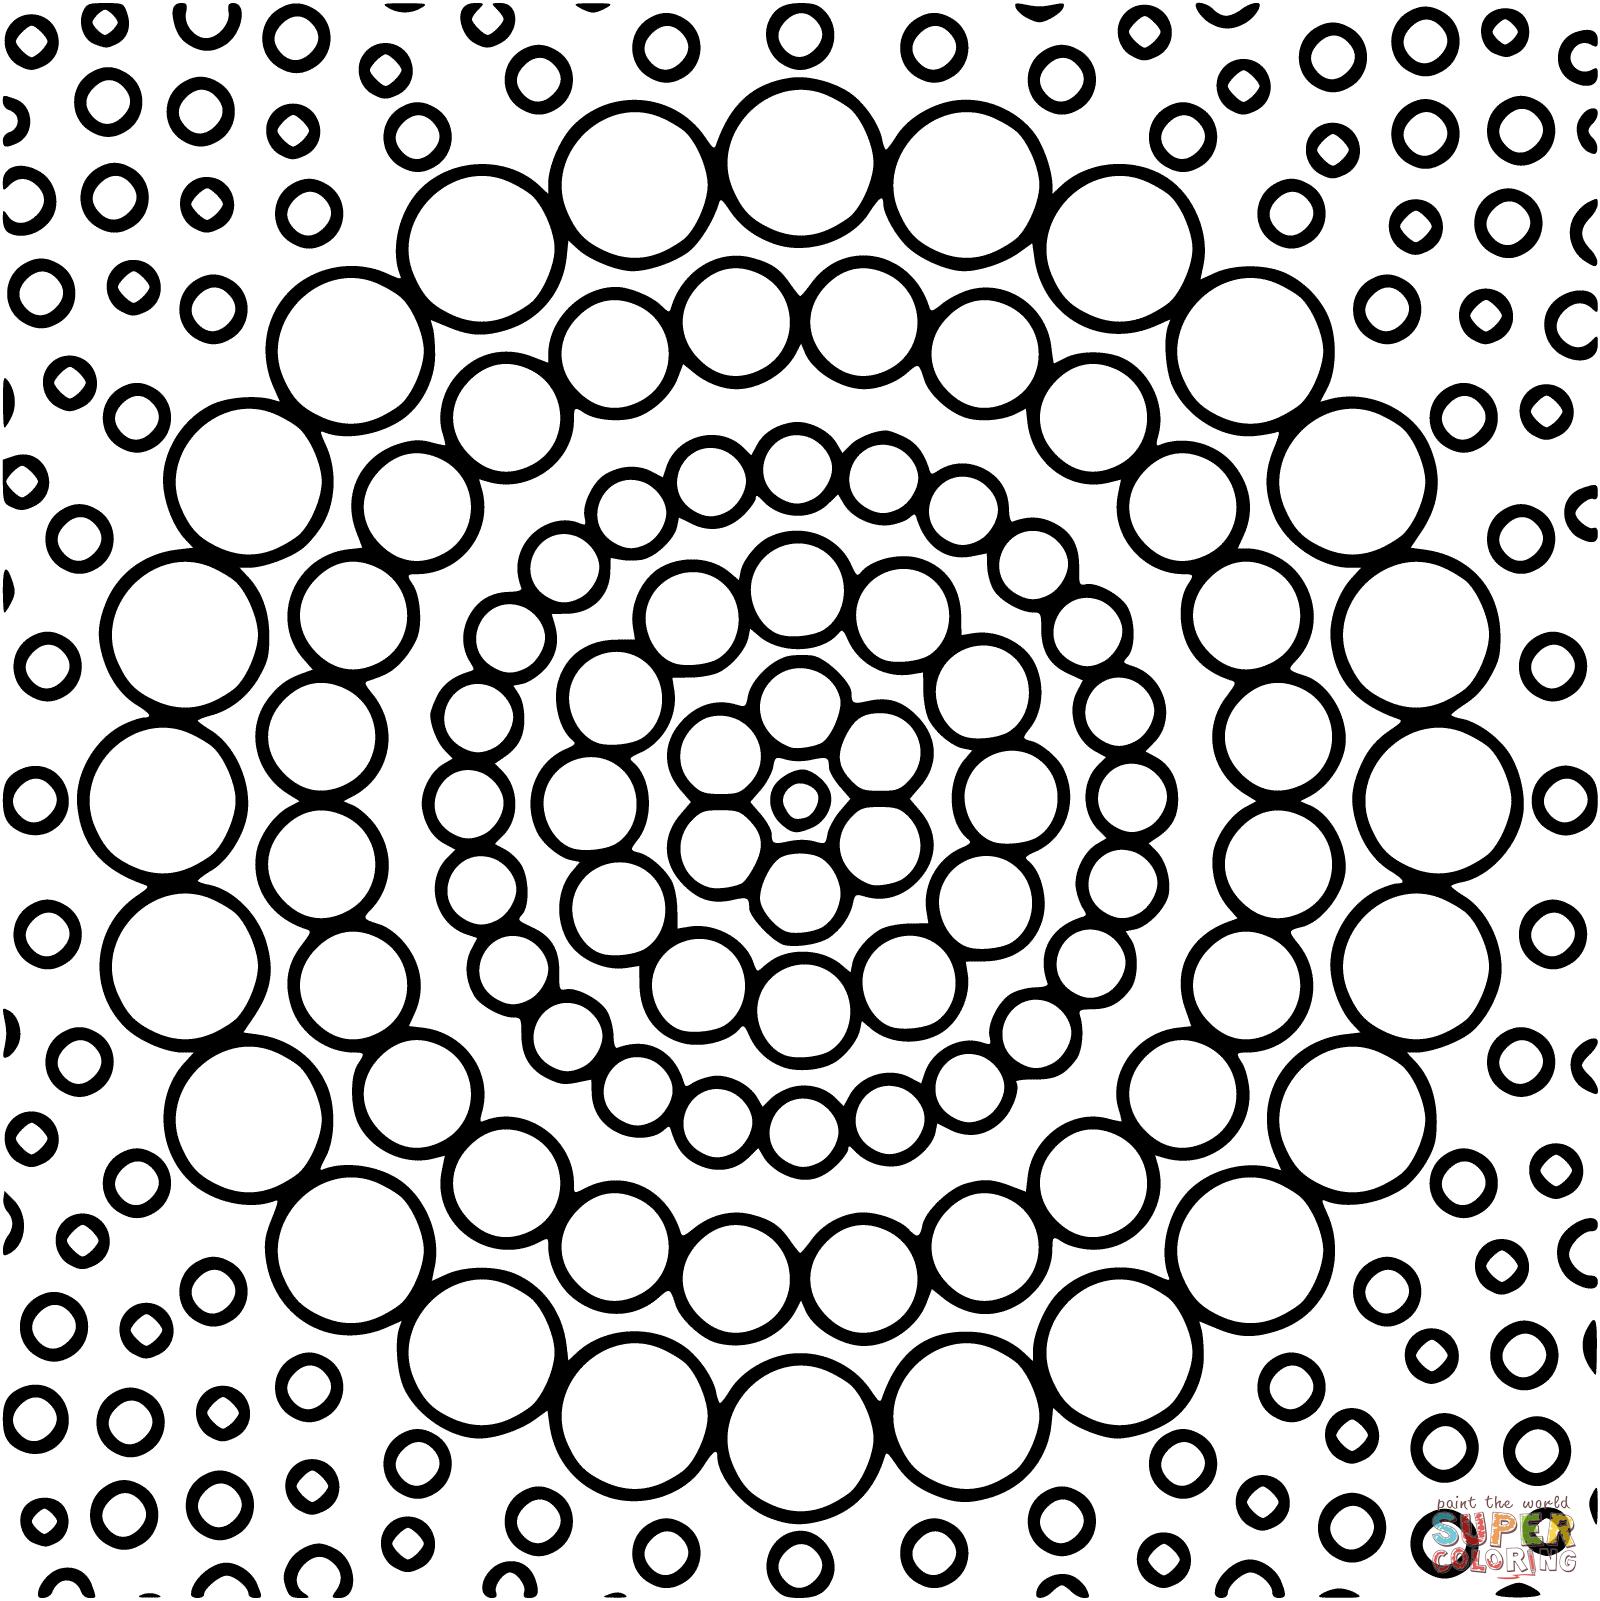 circle-mandala-4-coloring-pages.png (1600×1601) | Coloring ...